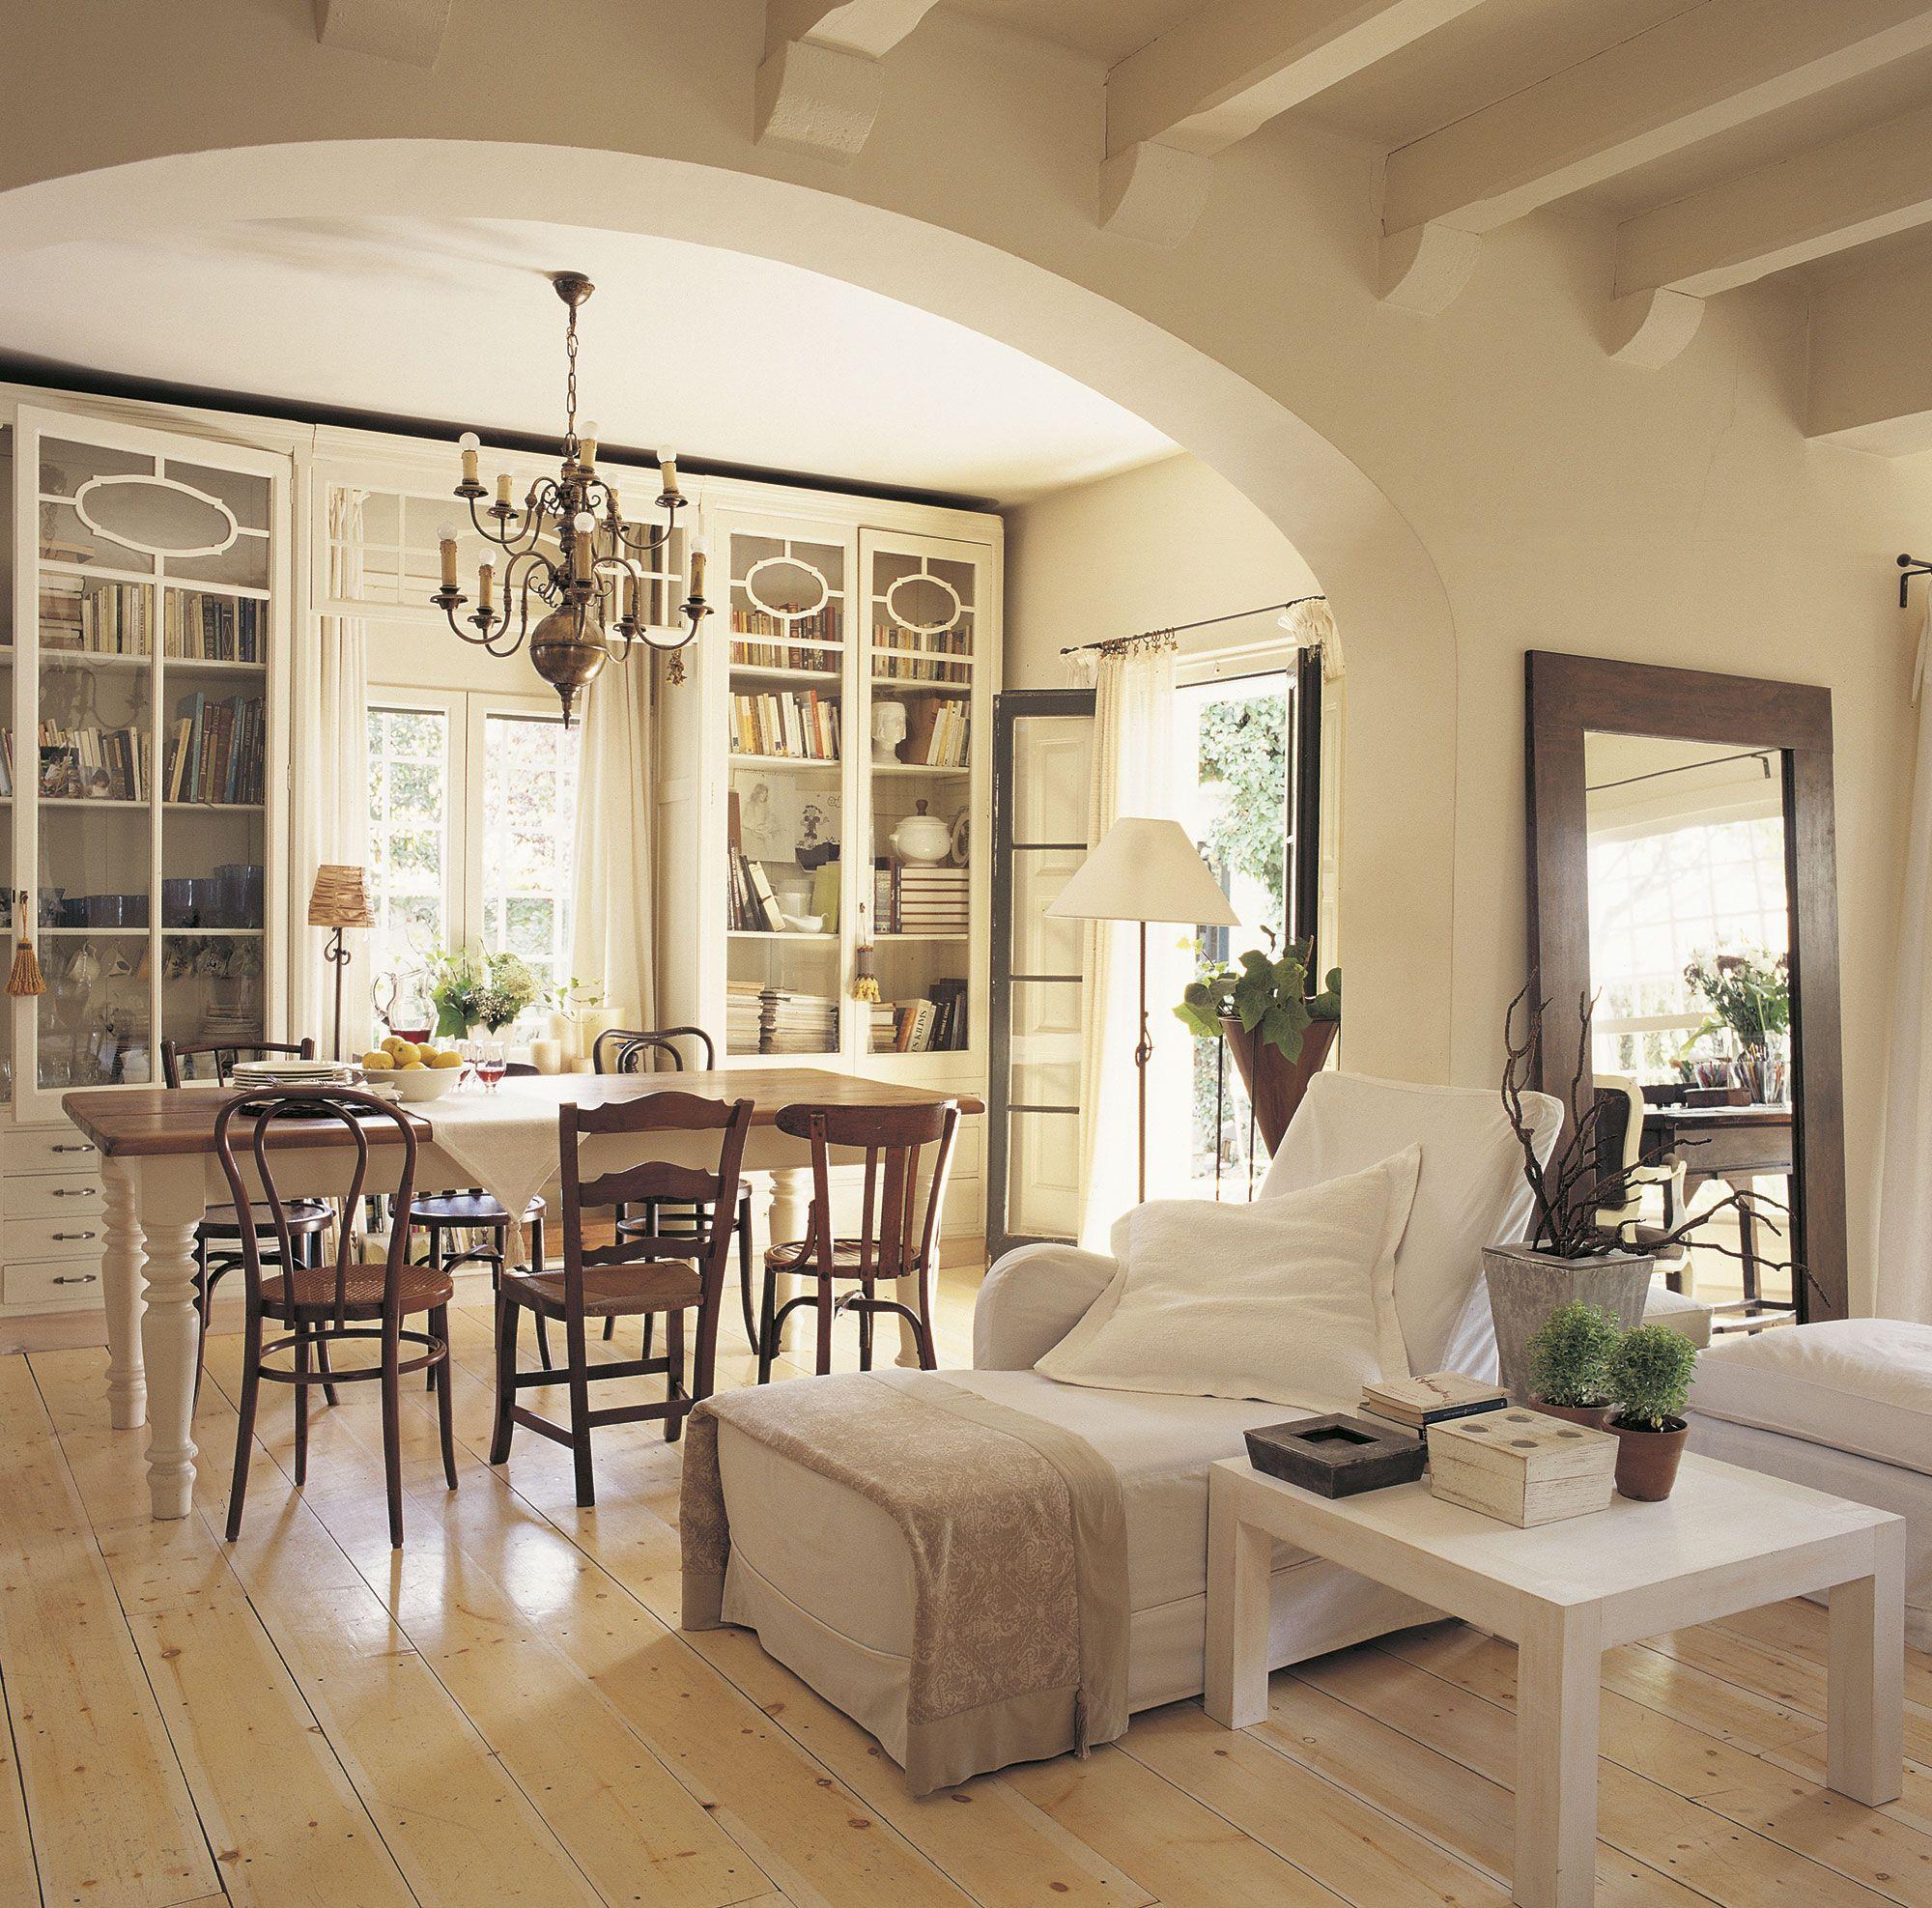 Restaura las cerraduras y herrajes decoracion muebles for Cocina con muebles antiguos